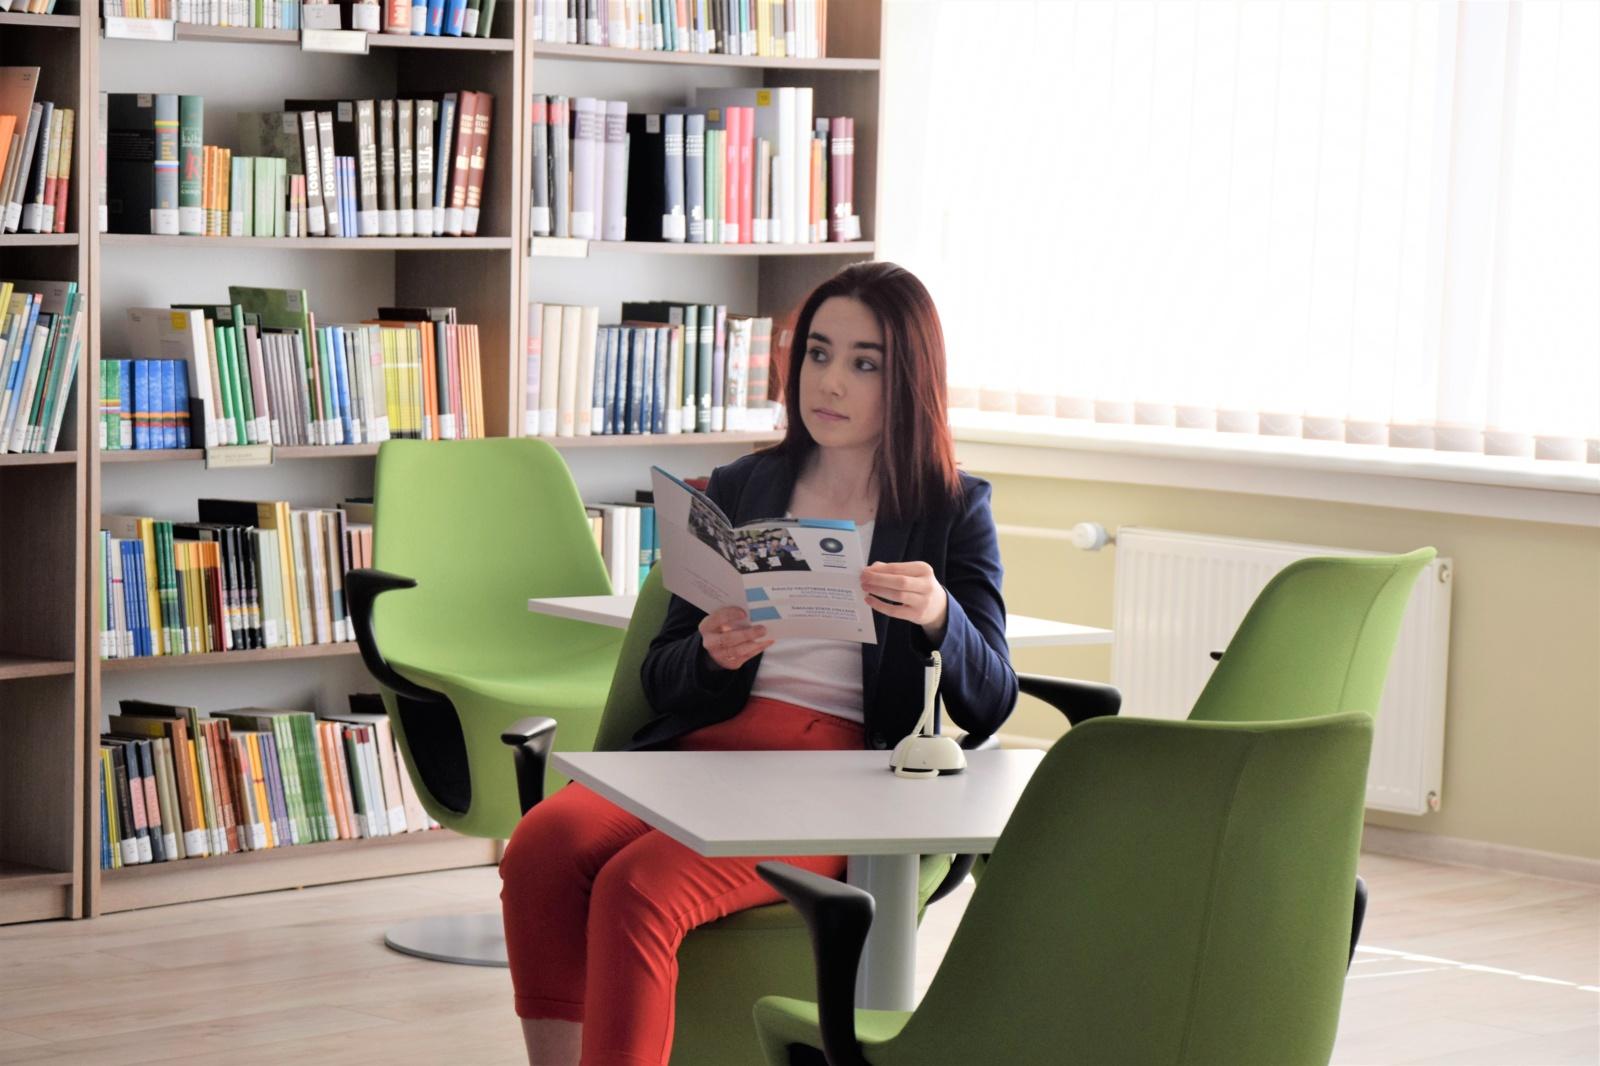 Šiaulių valstybinė kolegija kviečia rinktis aukštąjį mokslą Šiauliuose